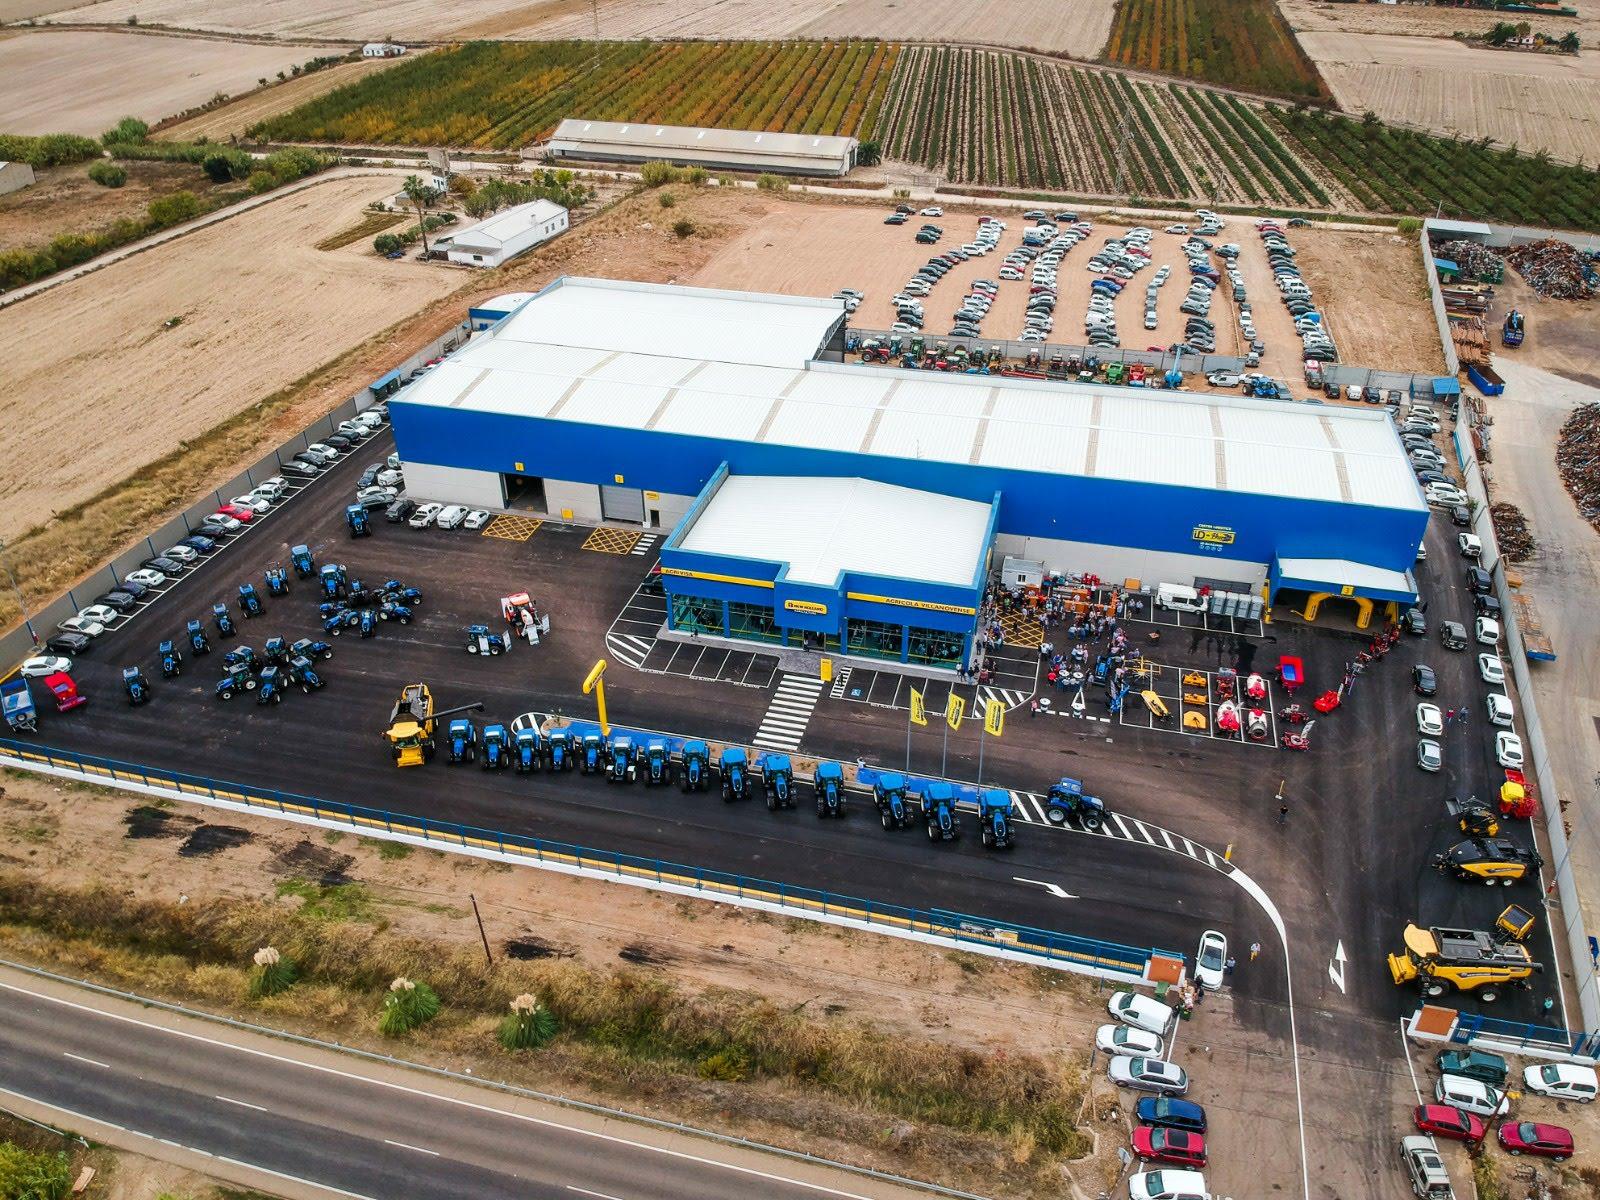 Inauguración nuevas instalaciones de Agrivisa en Villanueva de la Serena (Badajoz) - 1